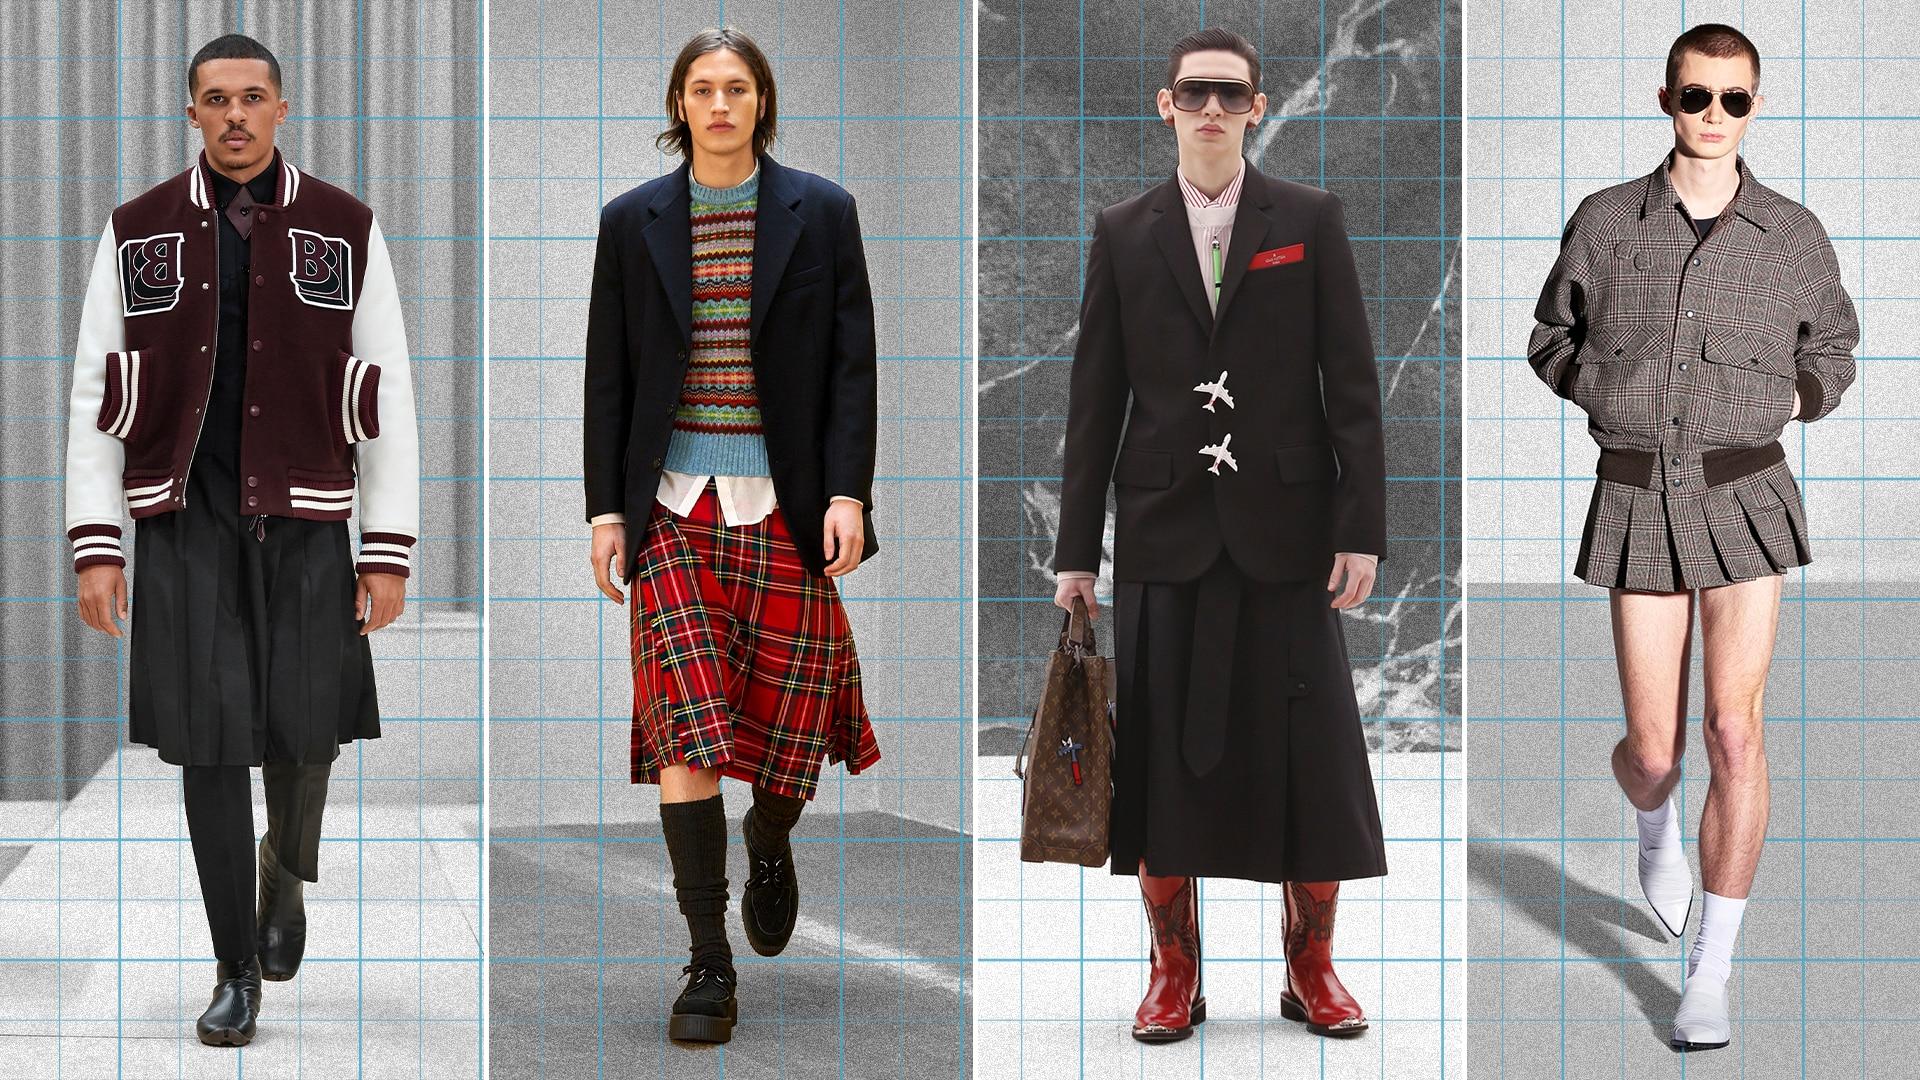 """Nella moda trionfa il genere neutro: uomini vestiti da donna e donne vestite da uomo. Gli stilisti: """"Così difendiamo la libertà di espressione"""""""